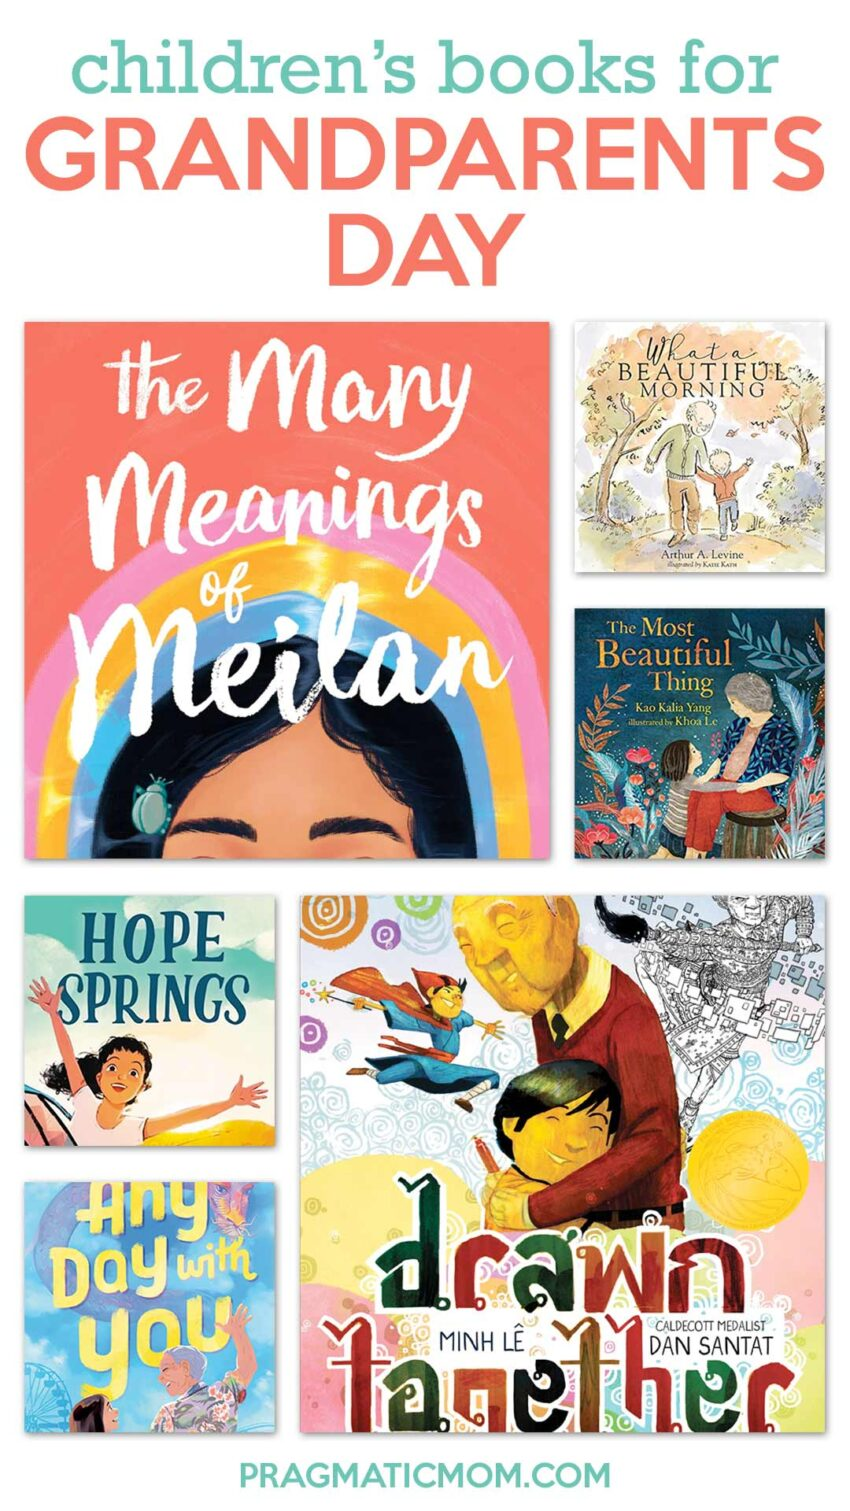 Children's Books for Grandparents' Day